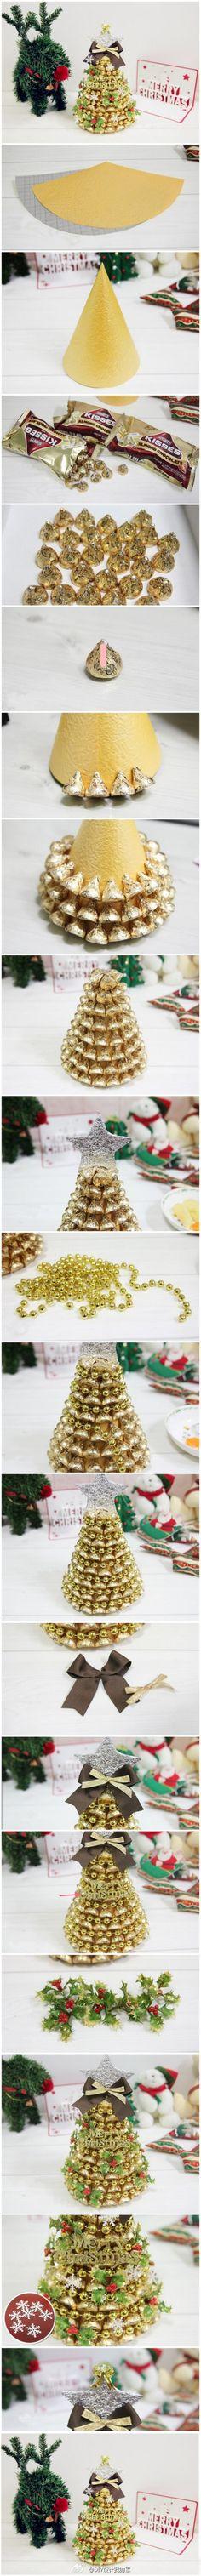 chocolate kisses Christmas tree